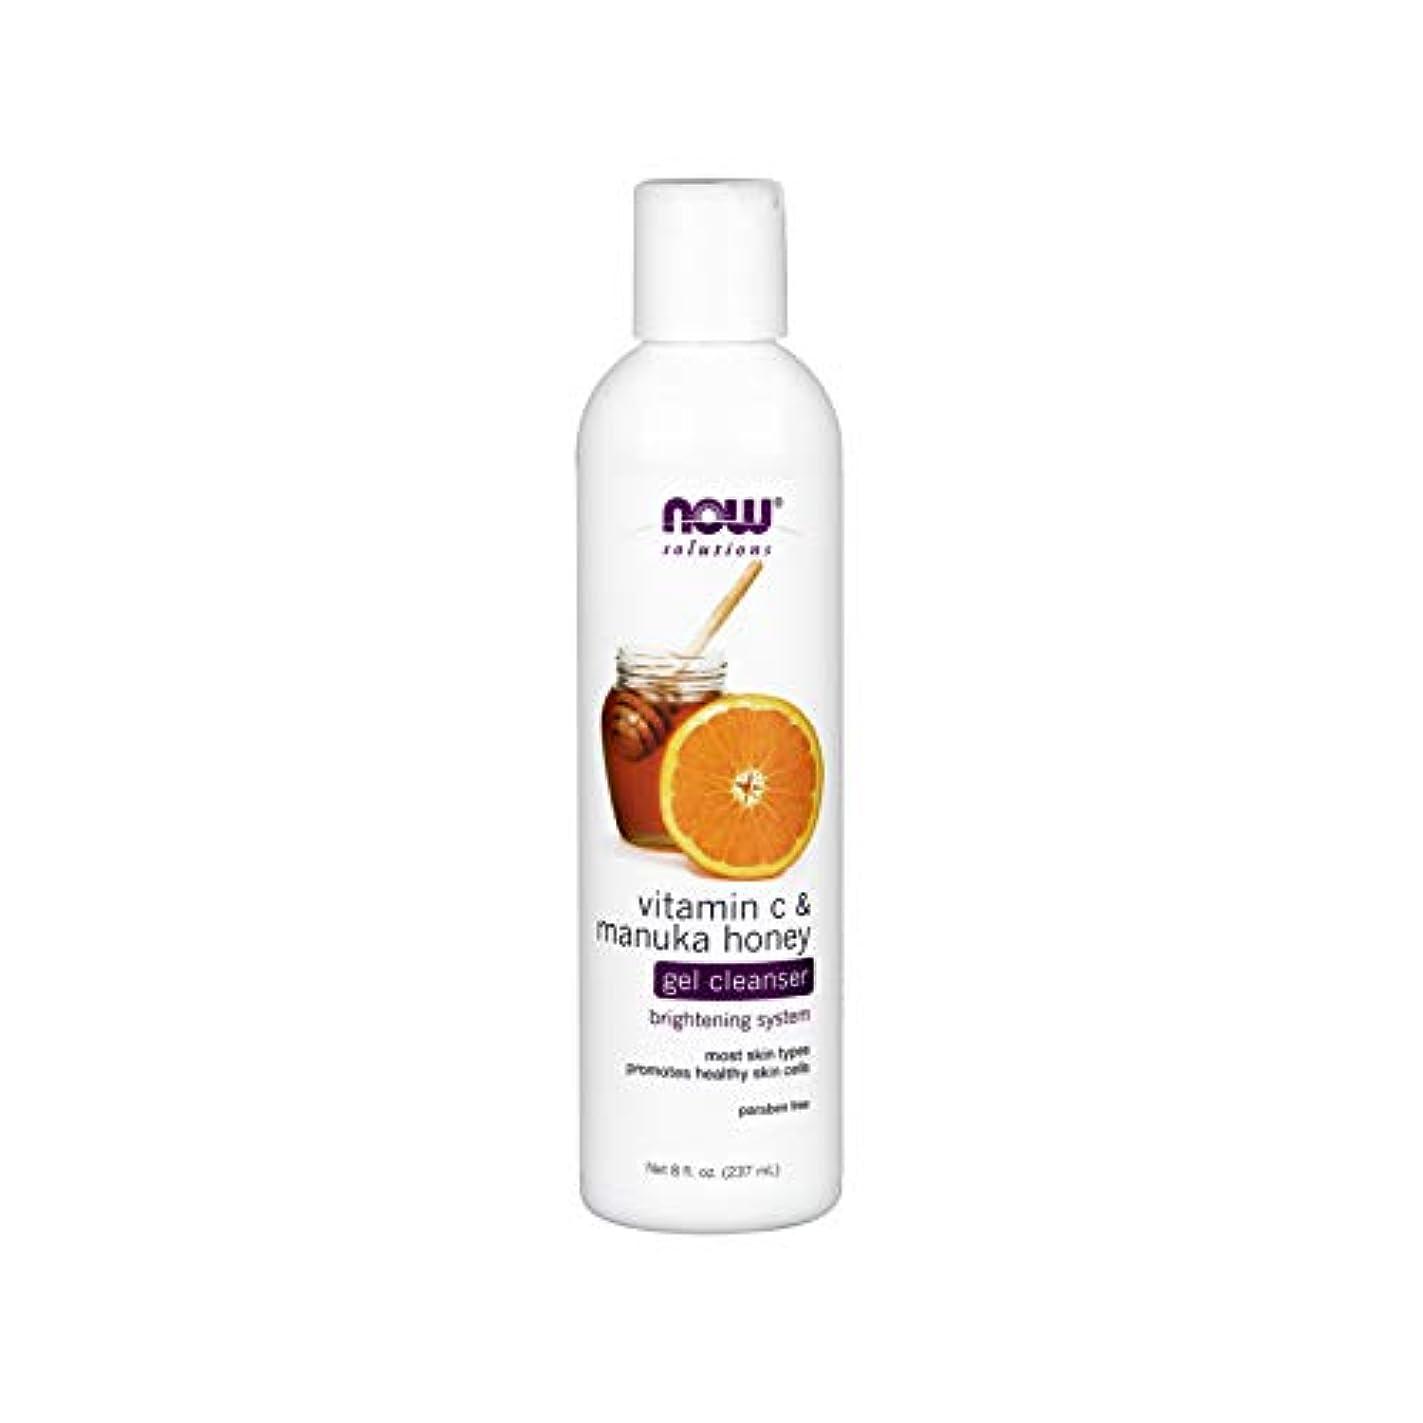 区画迫害する援助するNOW Vitamin C & Manuka Honey Gel Cleanser - 8 fl. oz. ビタミンC&マヌカハニー配合のジェルタイプ洗顔 ~海外直送品~